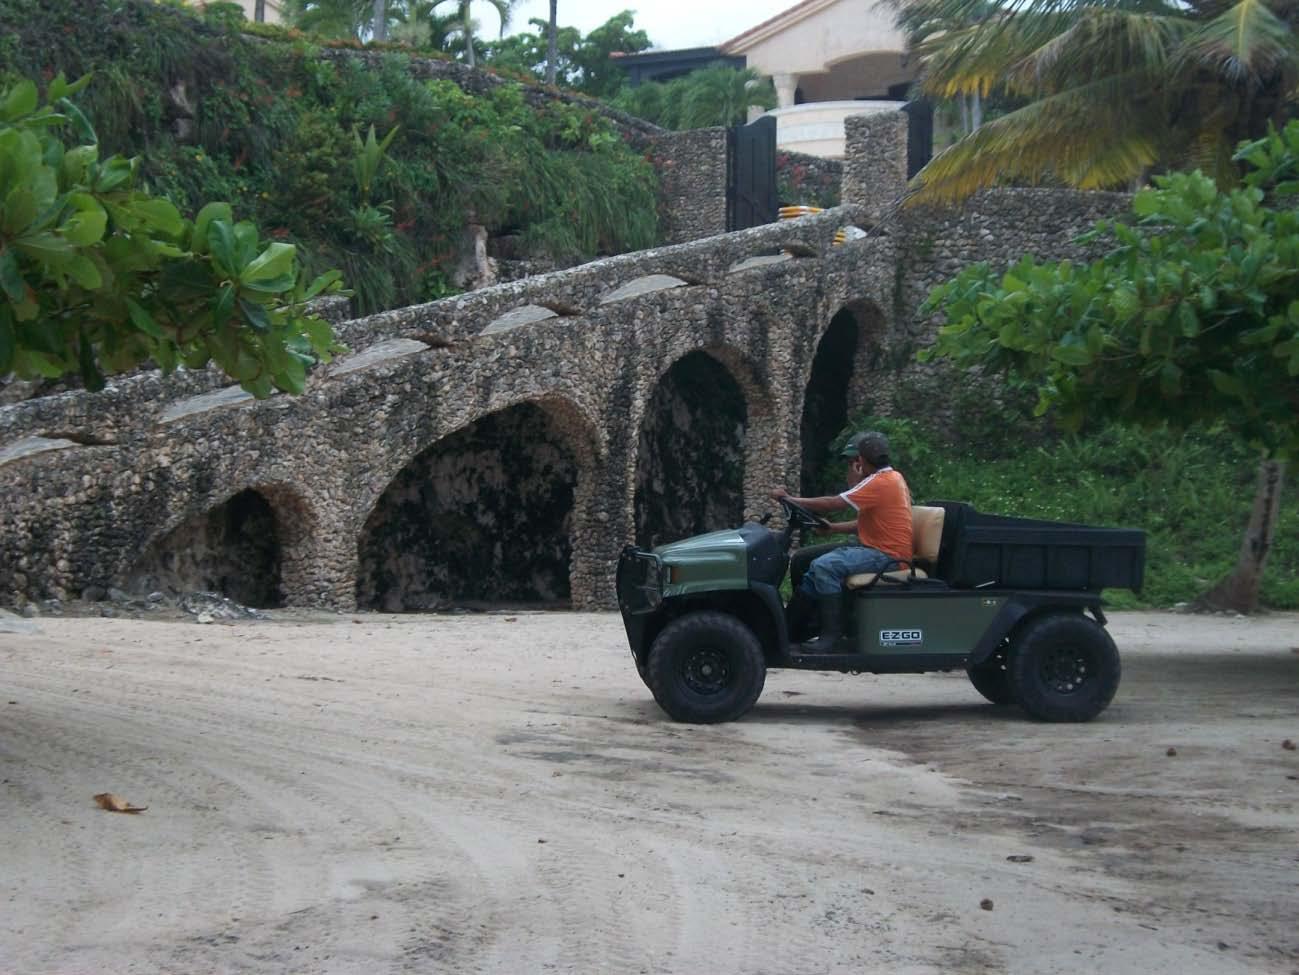 Playa cerrada, acceso directo desde Orchid Bay. La señora Rebeca McDonald se apropió de la playa, puso puertas a las cuevas y bloqueo los accesos públicos.